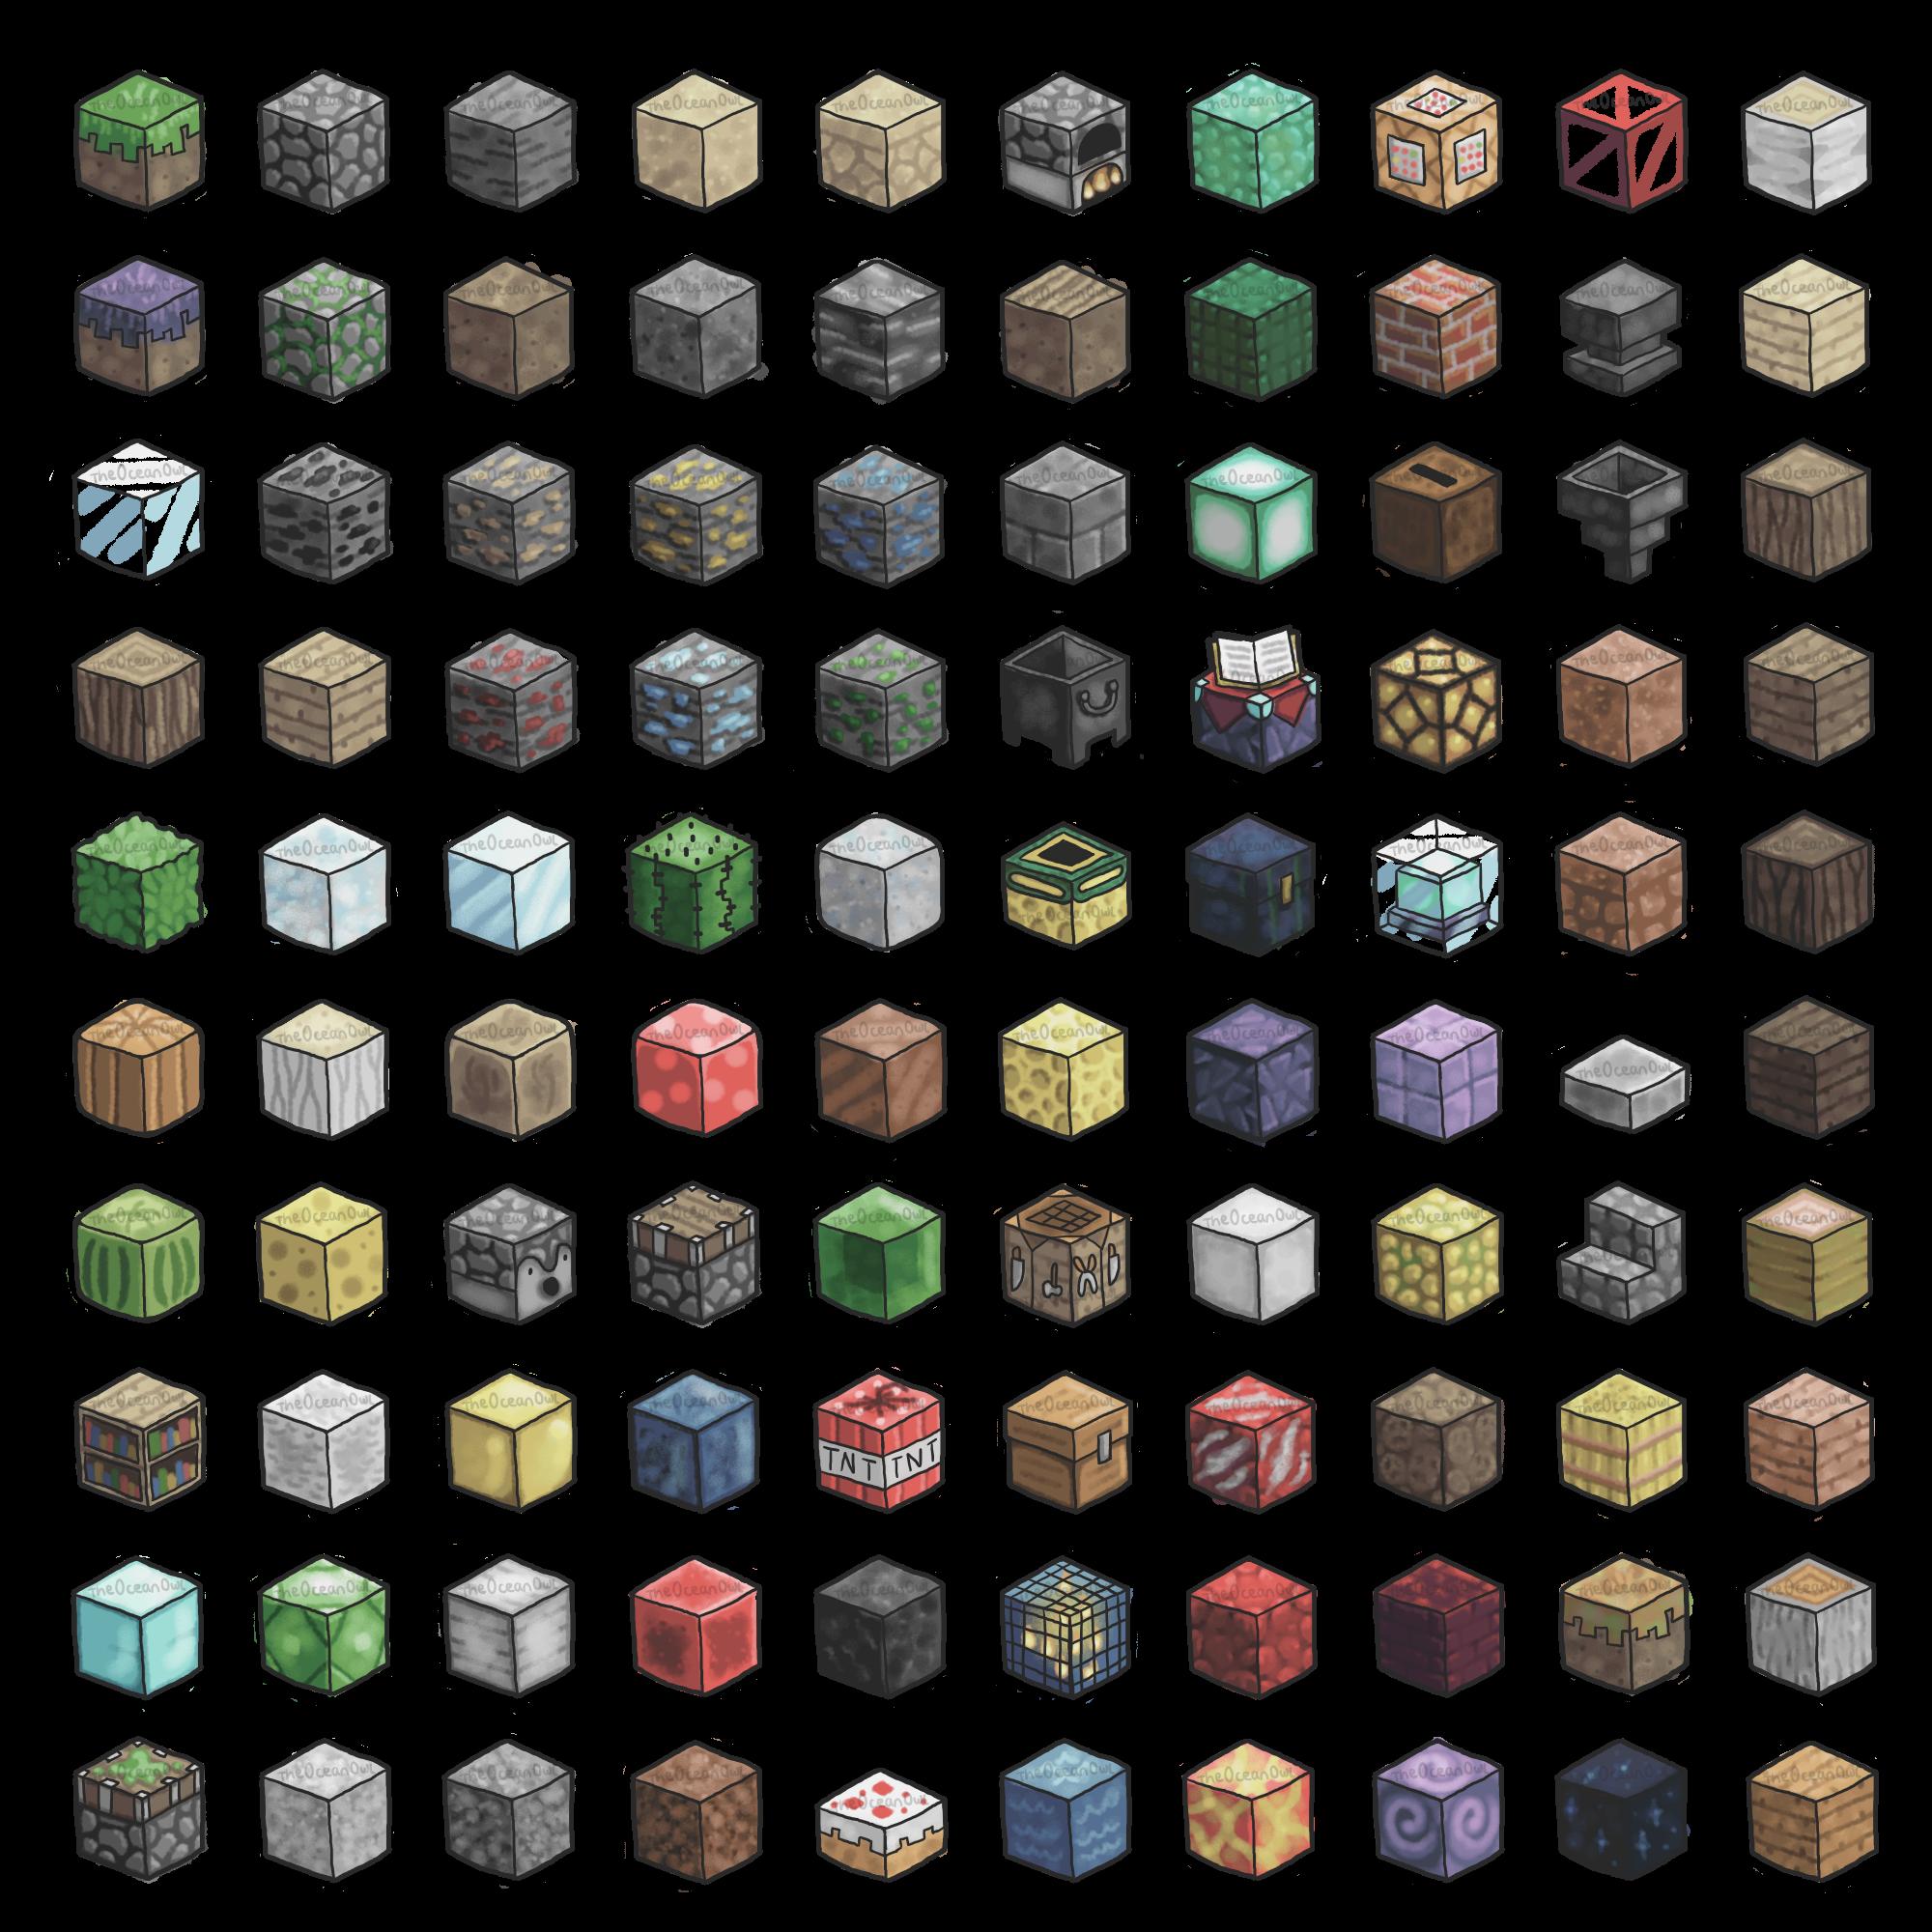 100 Minecraft Blocks Minecraft Blocks Minecraft Posters Pixel Art Tutorial